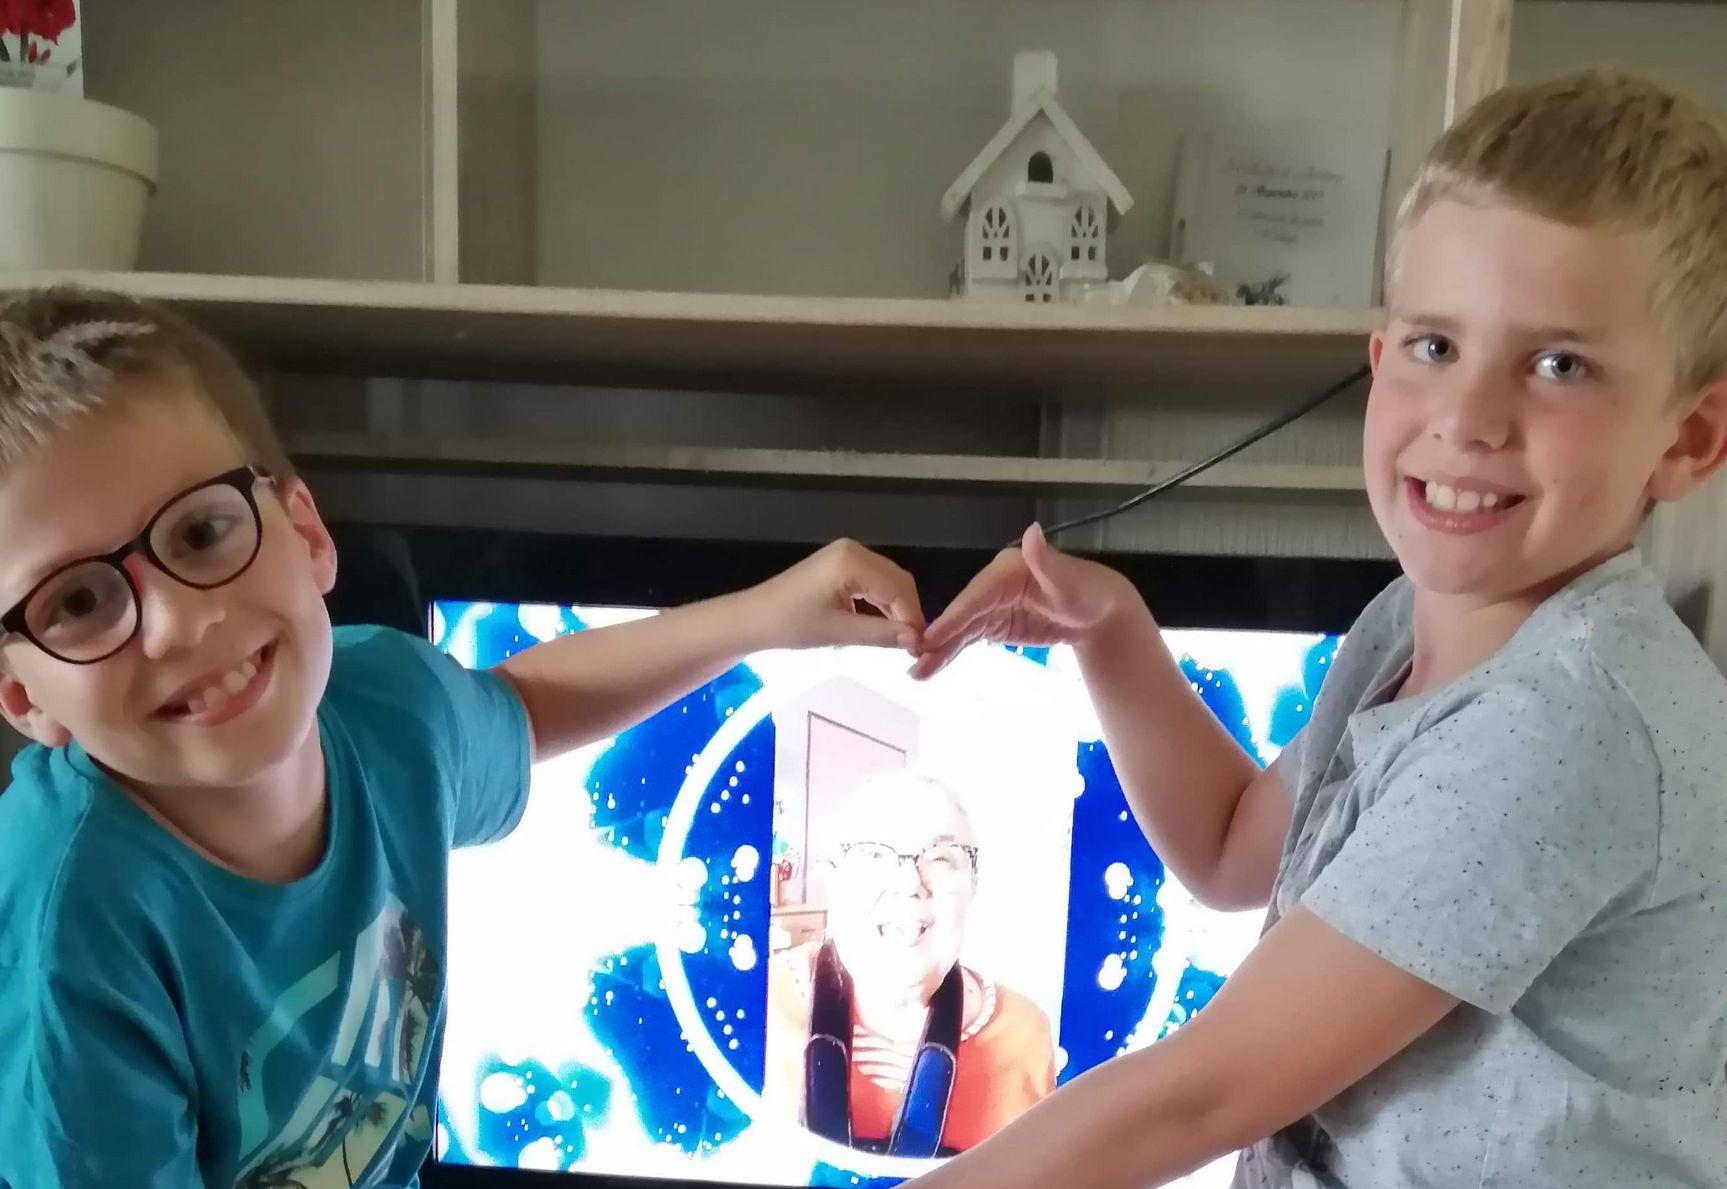 enfants montrent leur vidéo